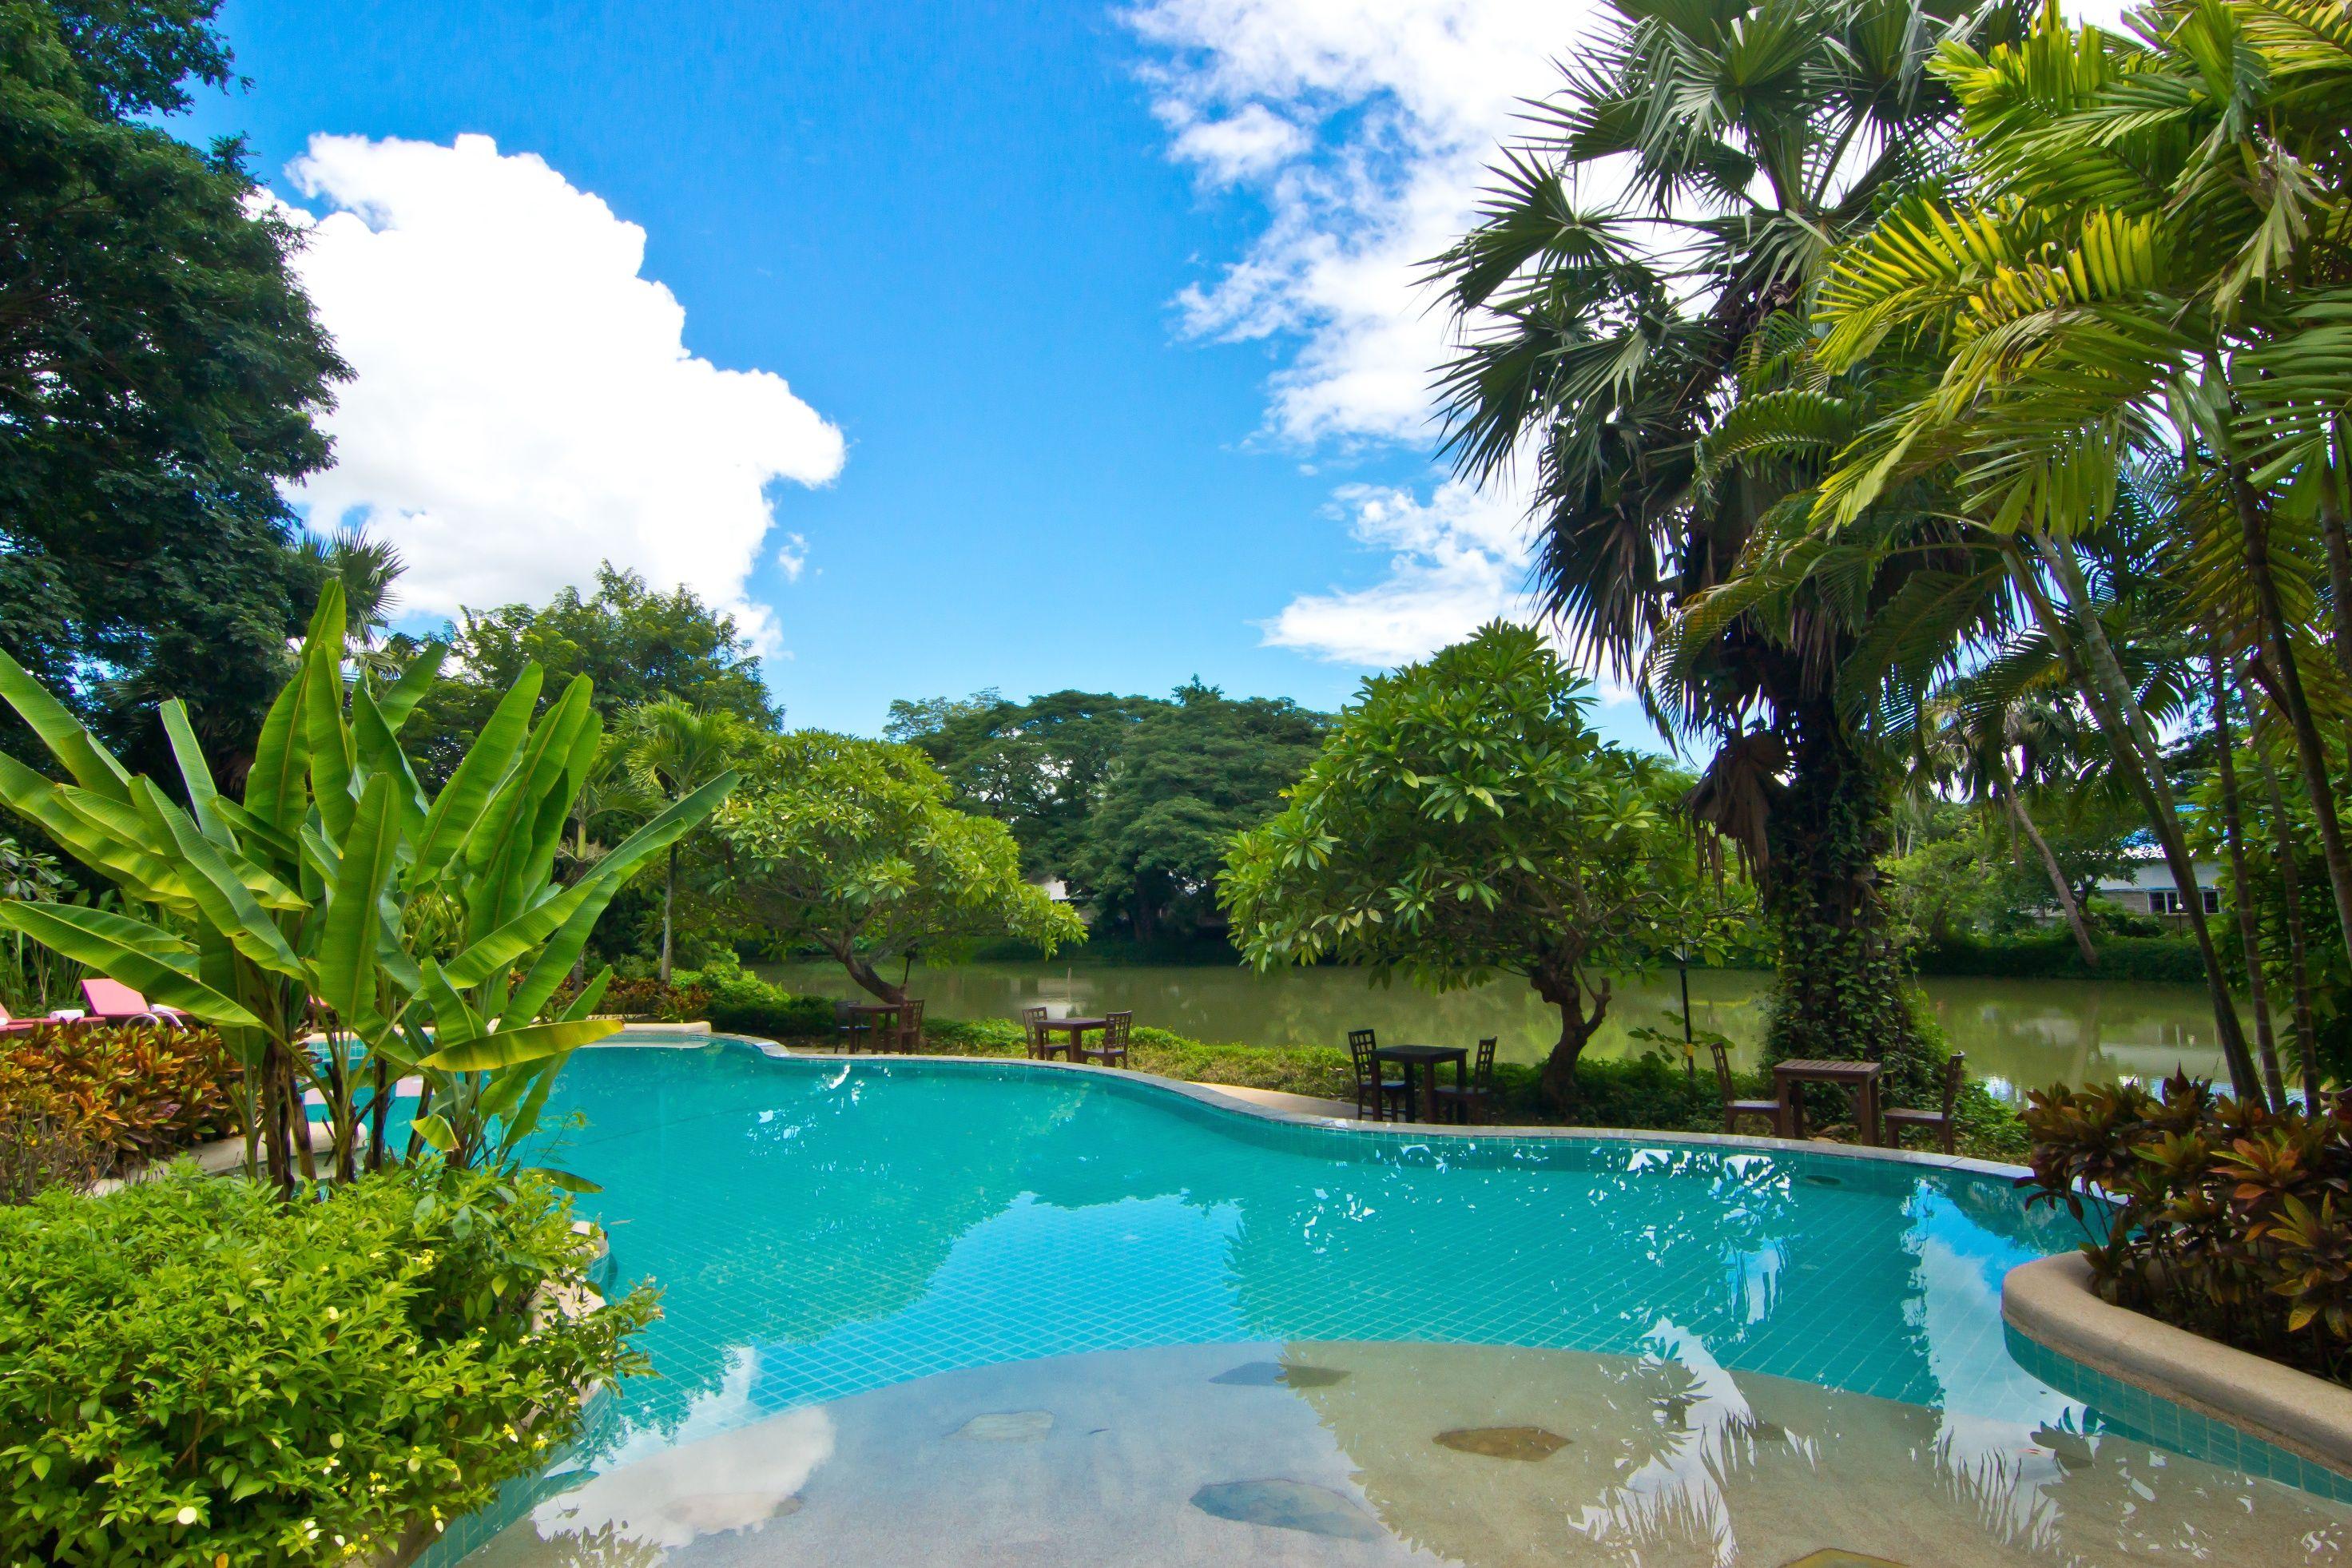 Relaxing corner near the river in Lampang. SwimmingPool